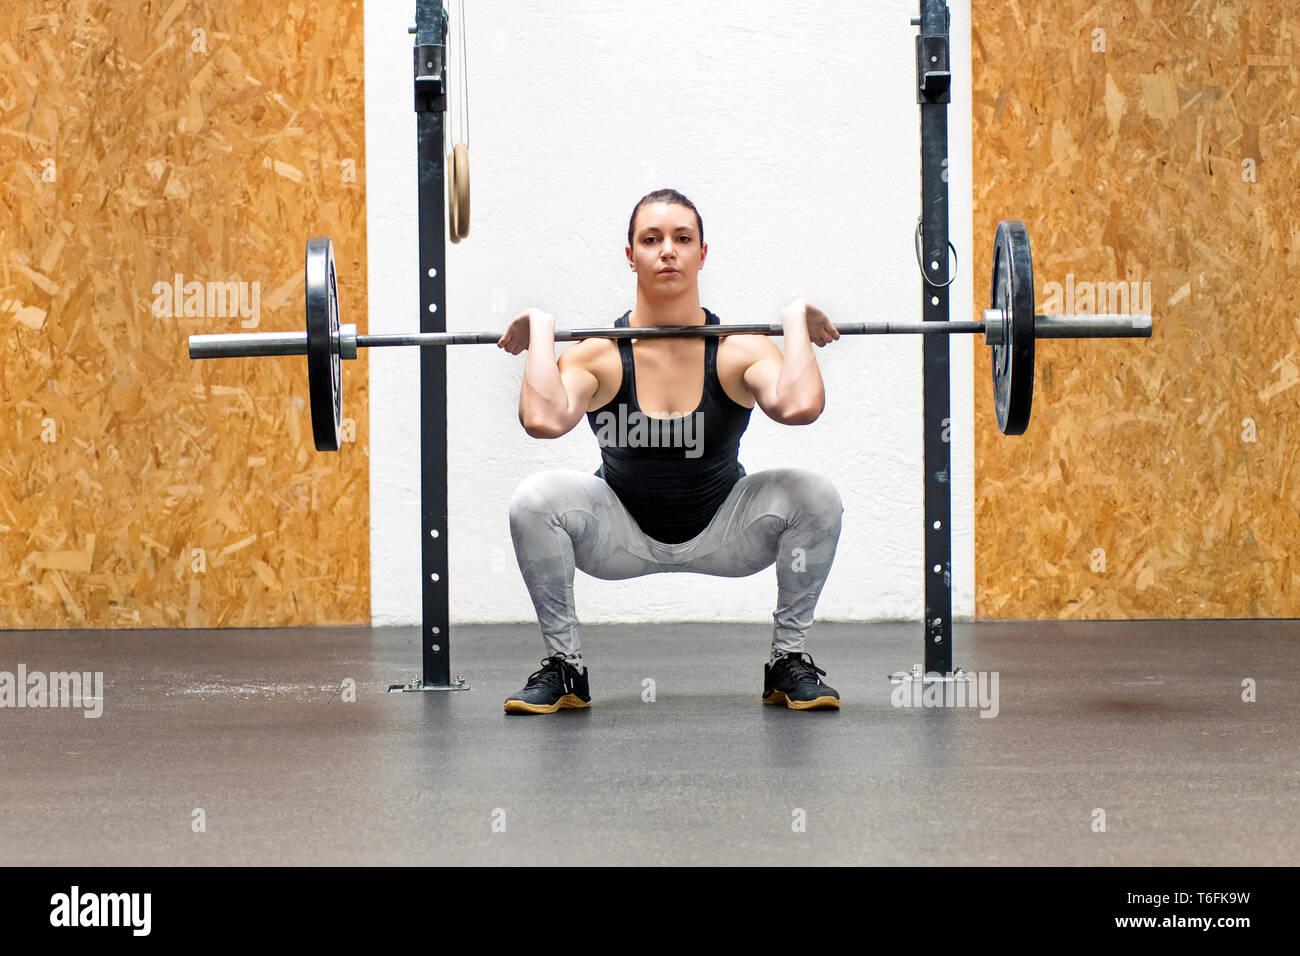 La jeune femme faisant un squat avant dans une salle de sport soulever un poids d'haltères à ses épaules pour renforcer ses quadriceps et fessiers Photo Stock